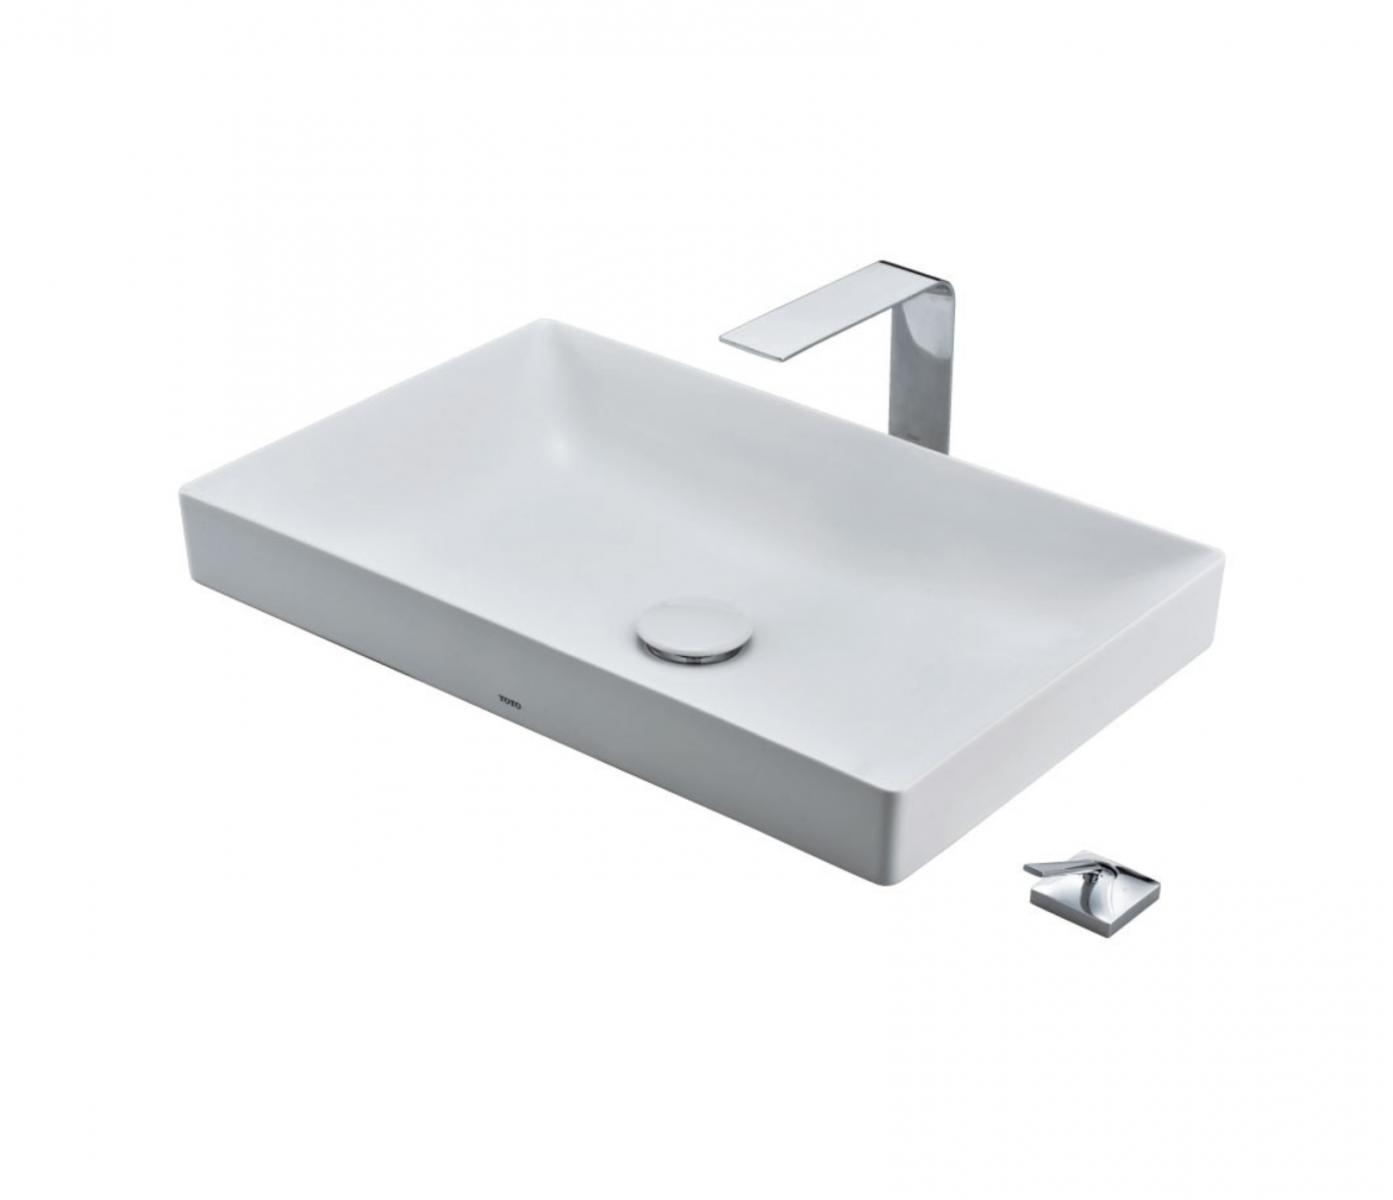 Chậu rửa lavabo đặt bàn TOTO LT4716